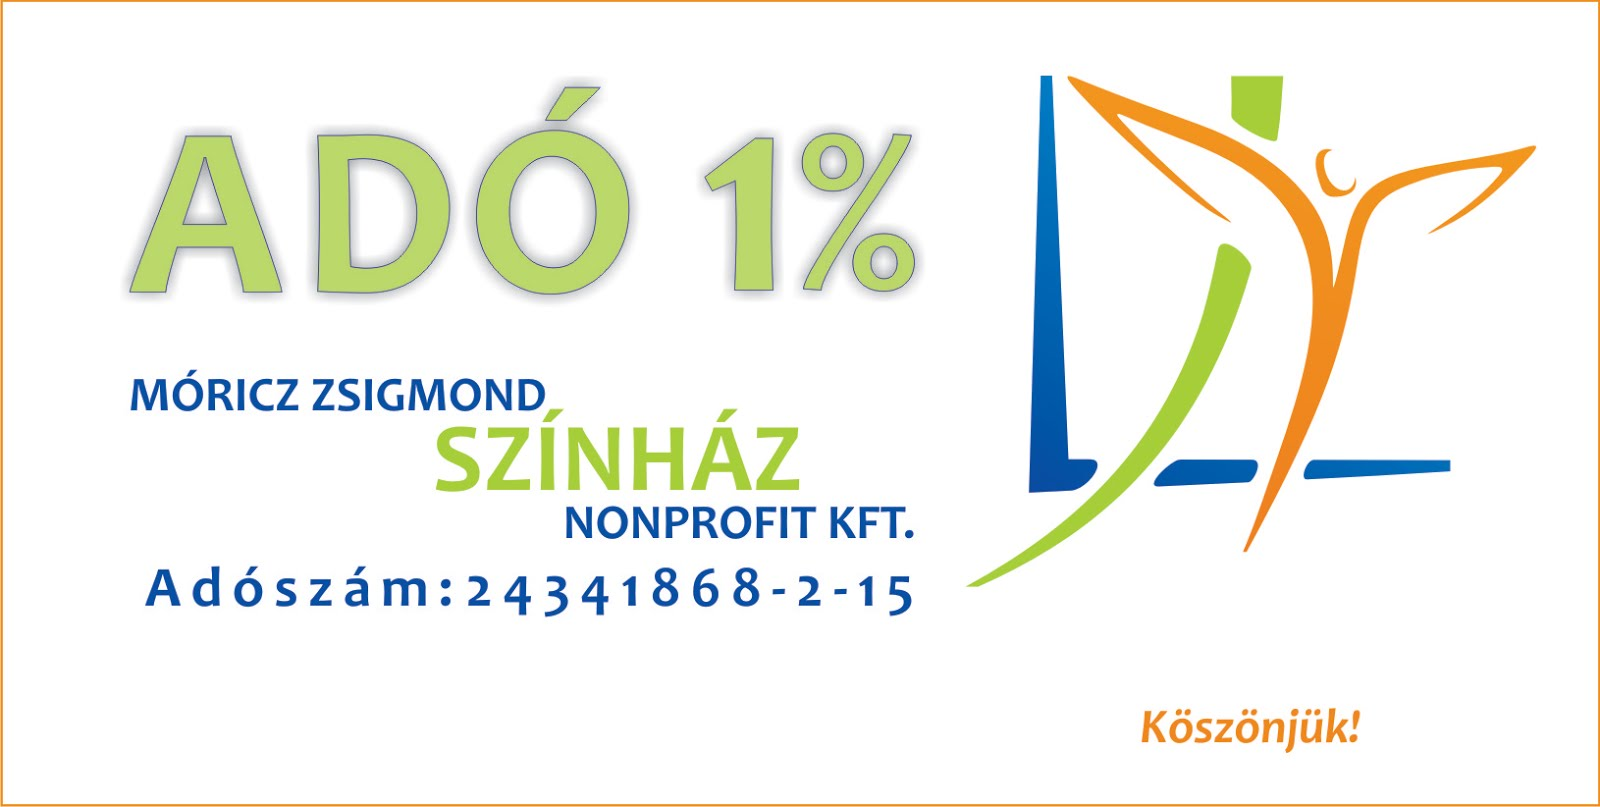 Köszönjük, hogy felajánlja adója 1%-át!